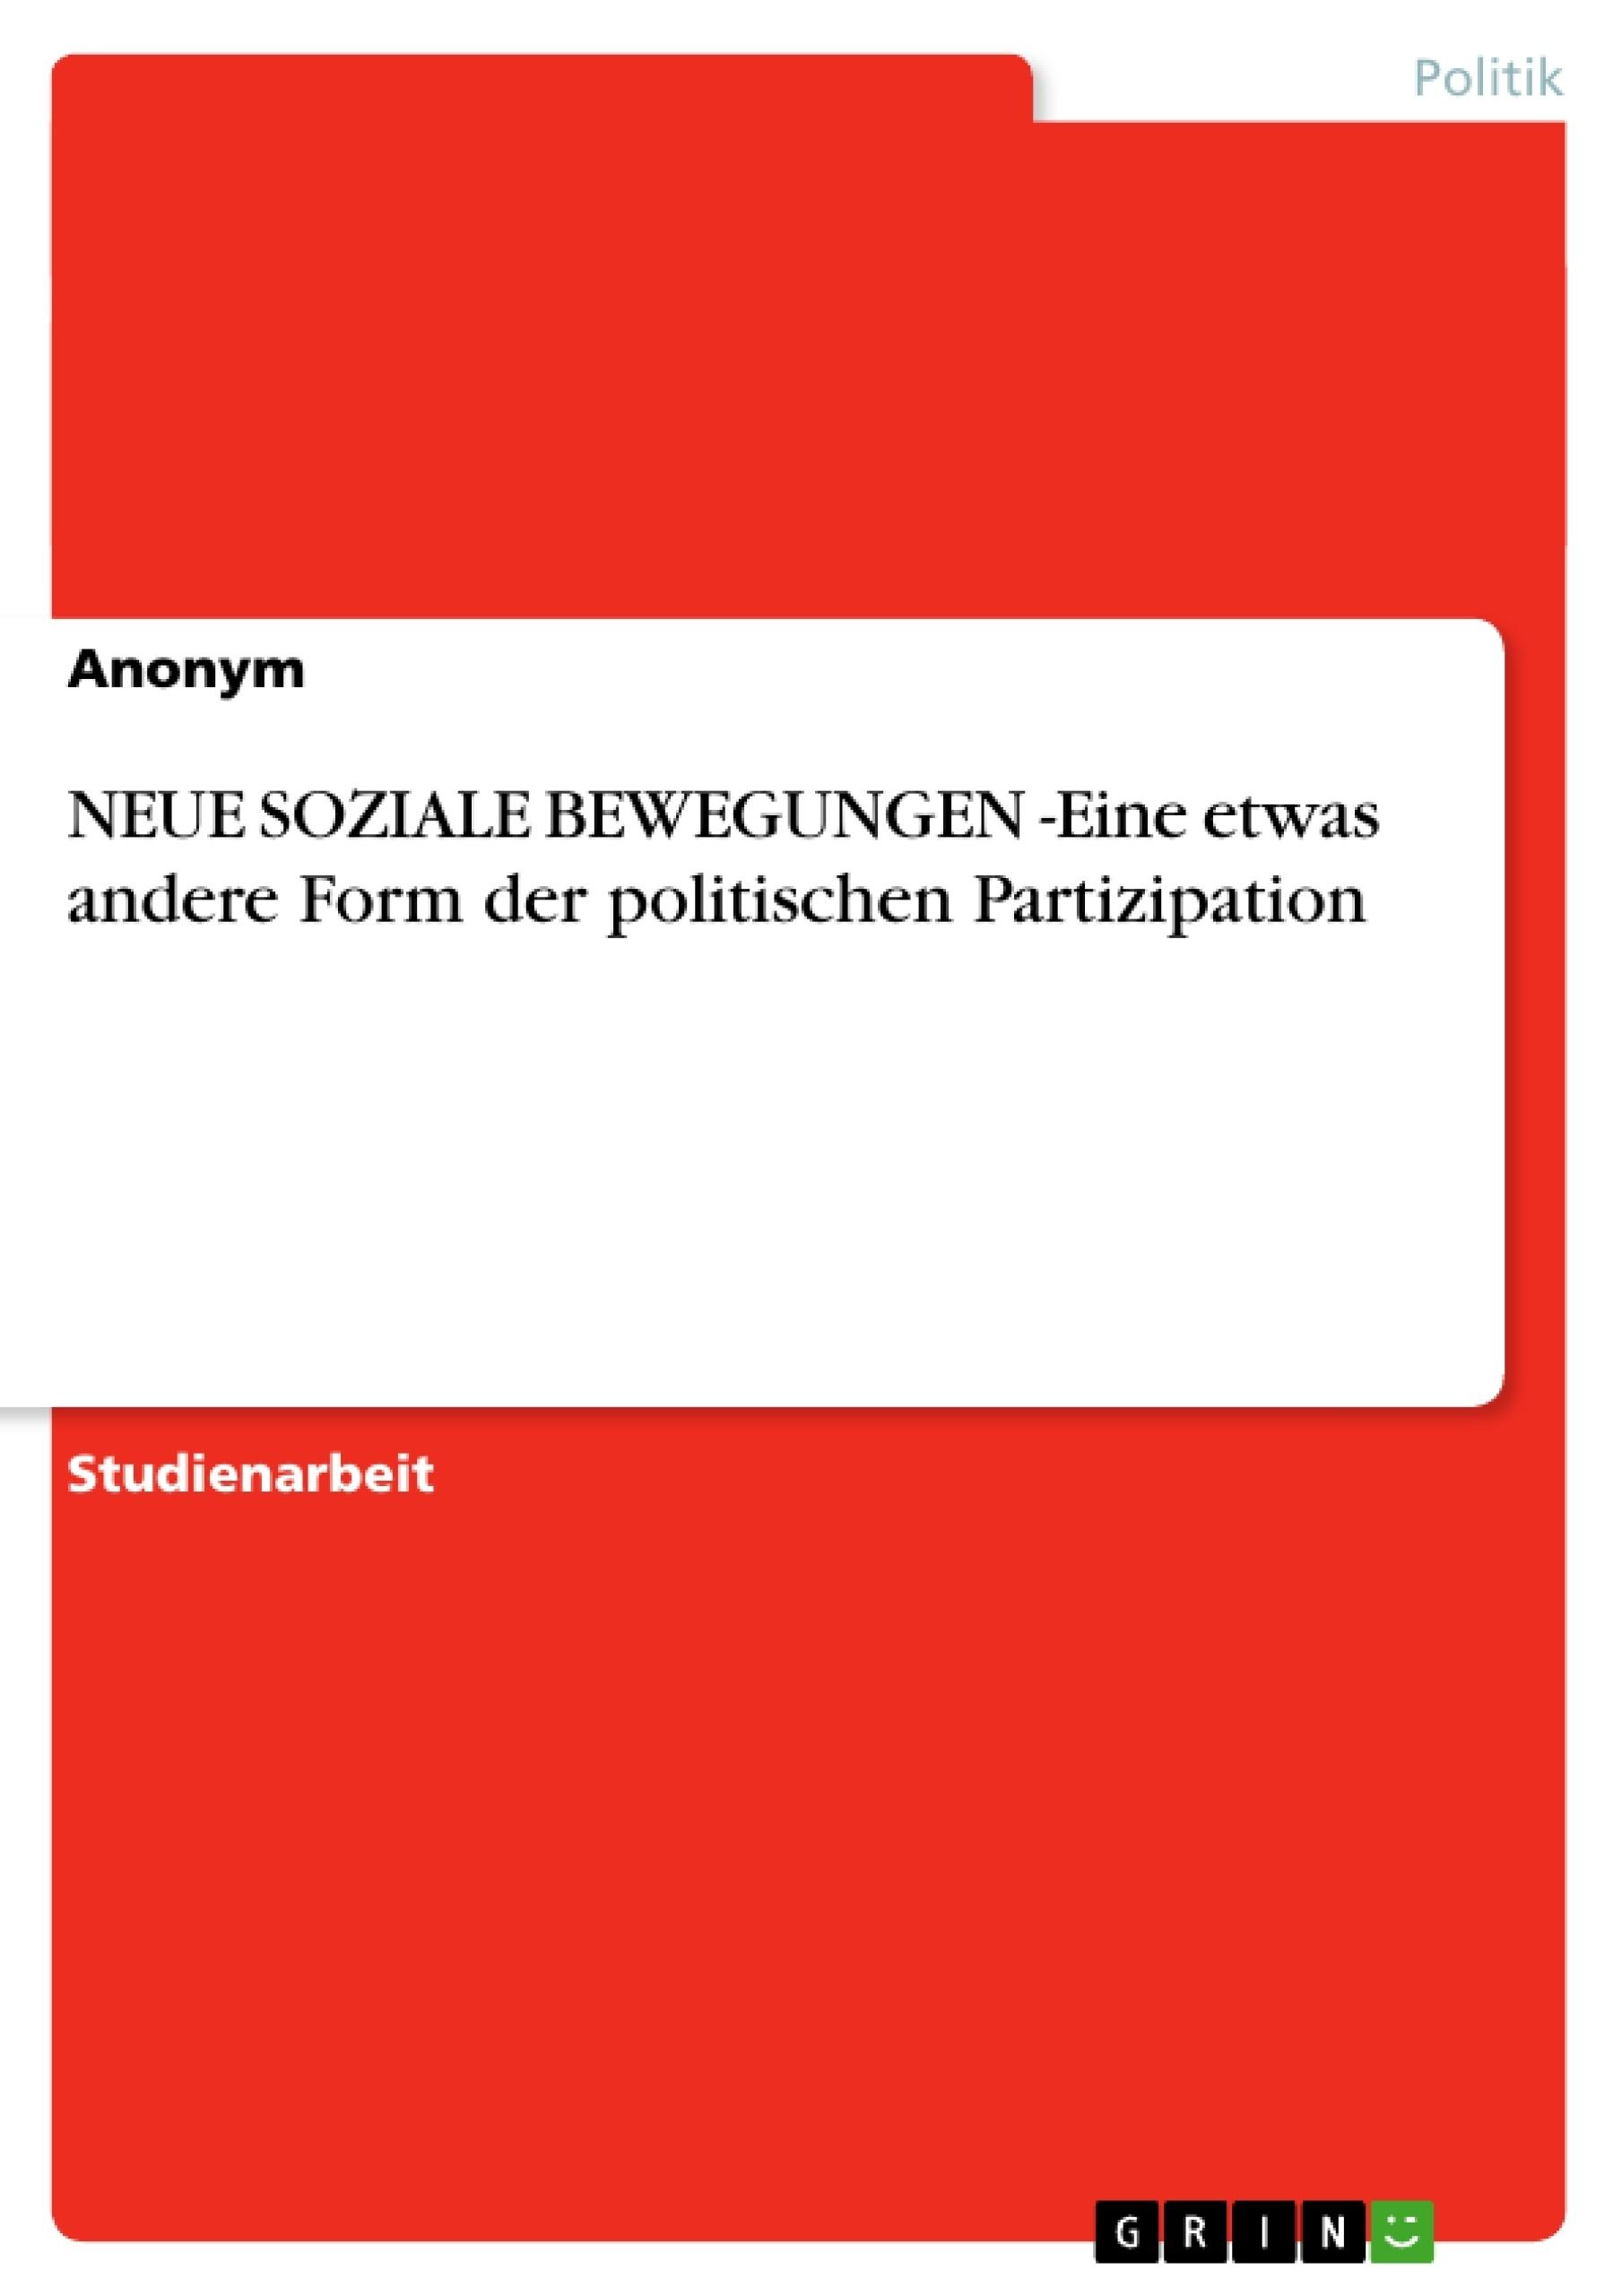 Titel: NEUE SOZIALE BEWEGUNGEN -Eine etwas andere Form der politischen Partizipation